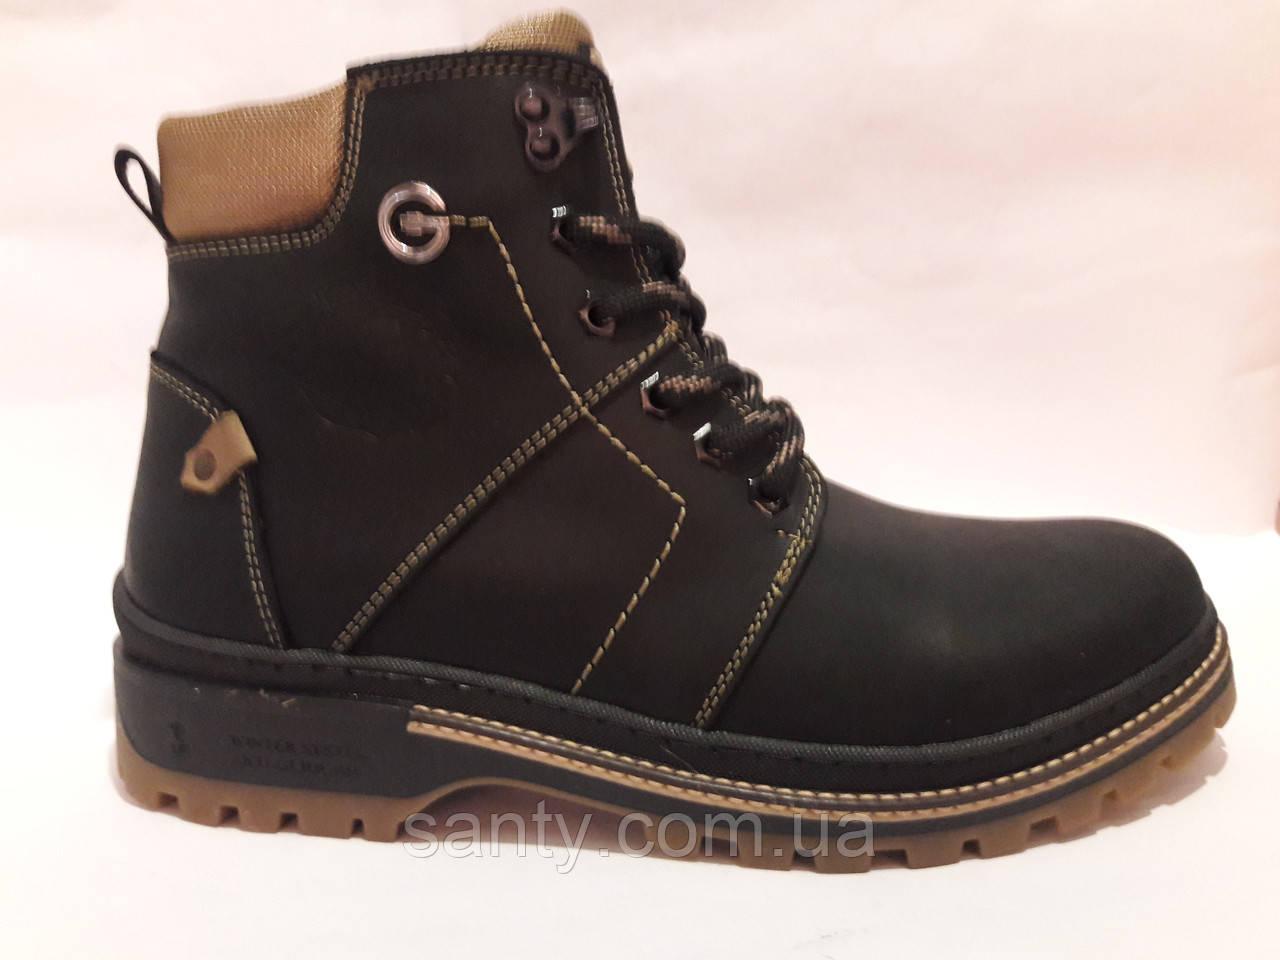 Мужские зимние ботинки из натуральной кожи. Чоловічі зимові чоботи.